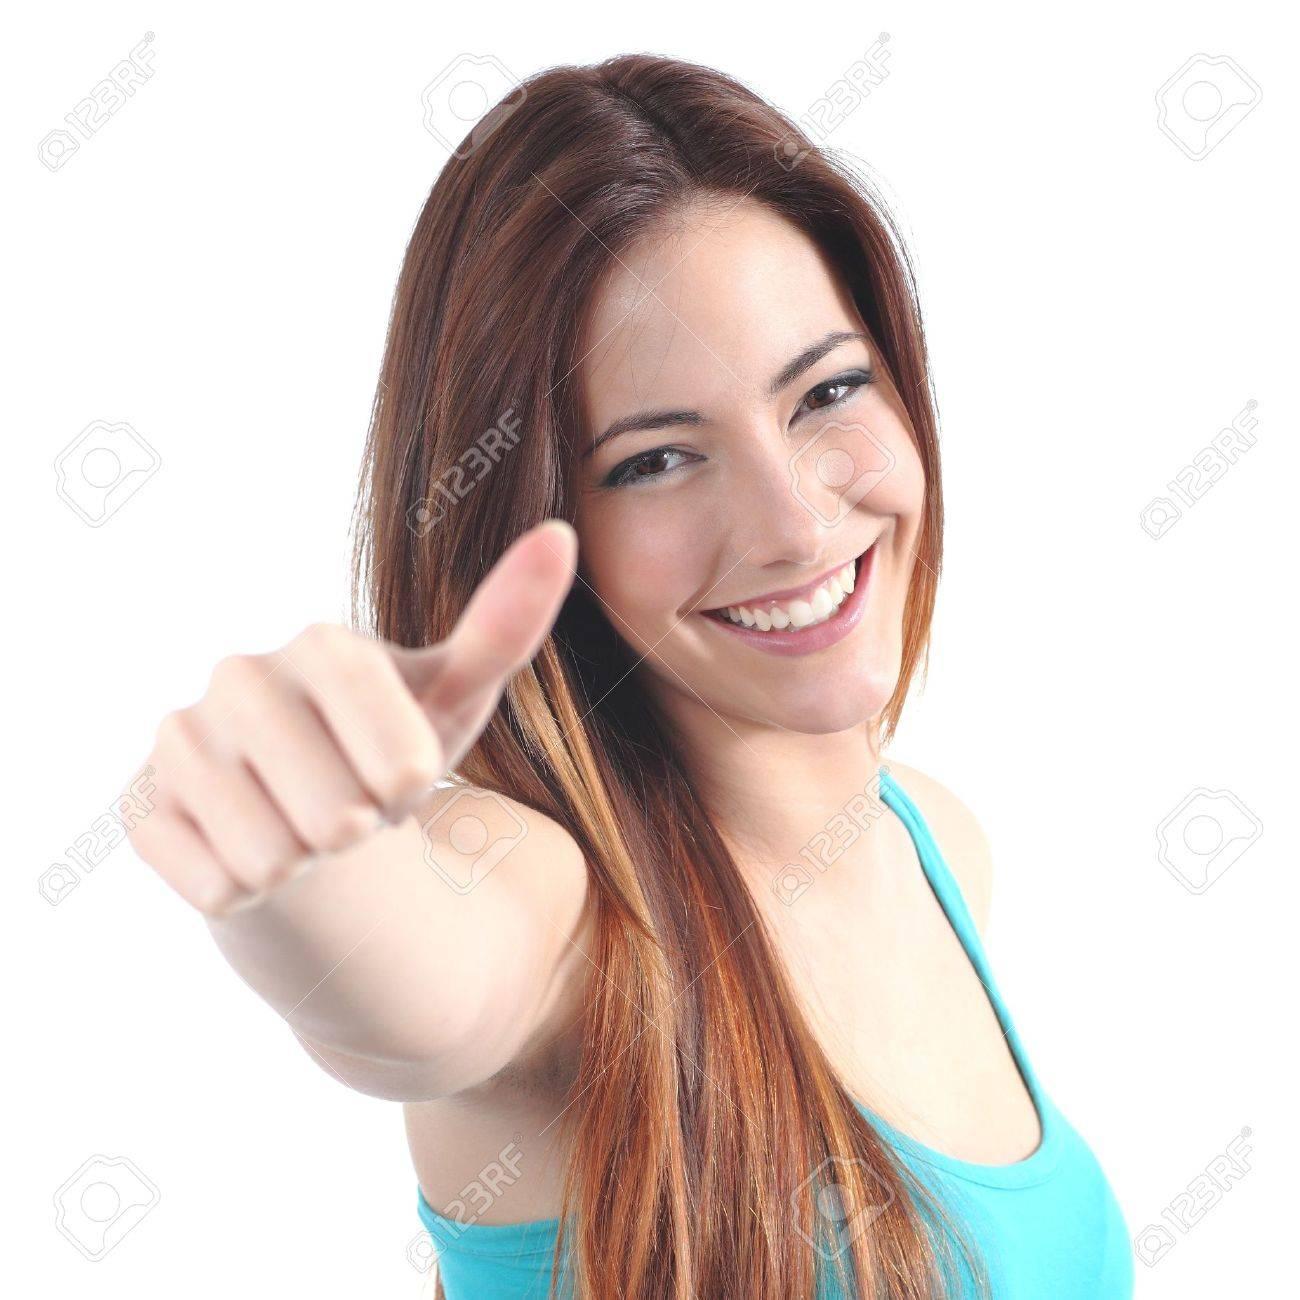 Удовлетворение девушки пальцем 18 фотография